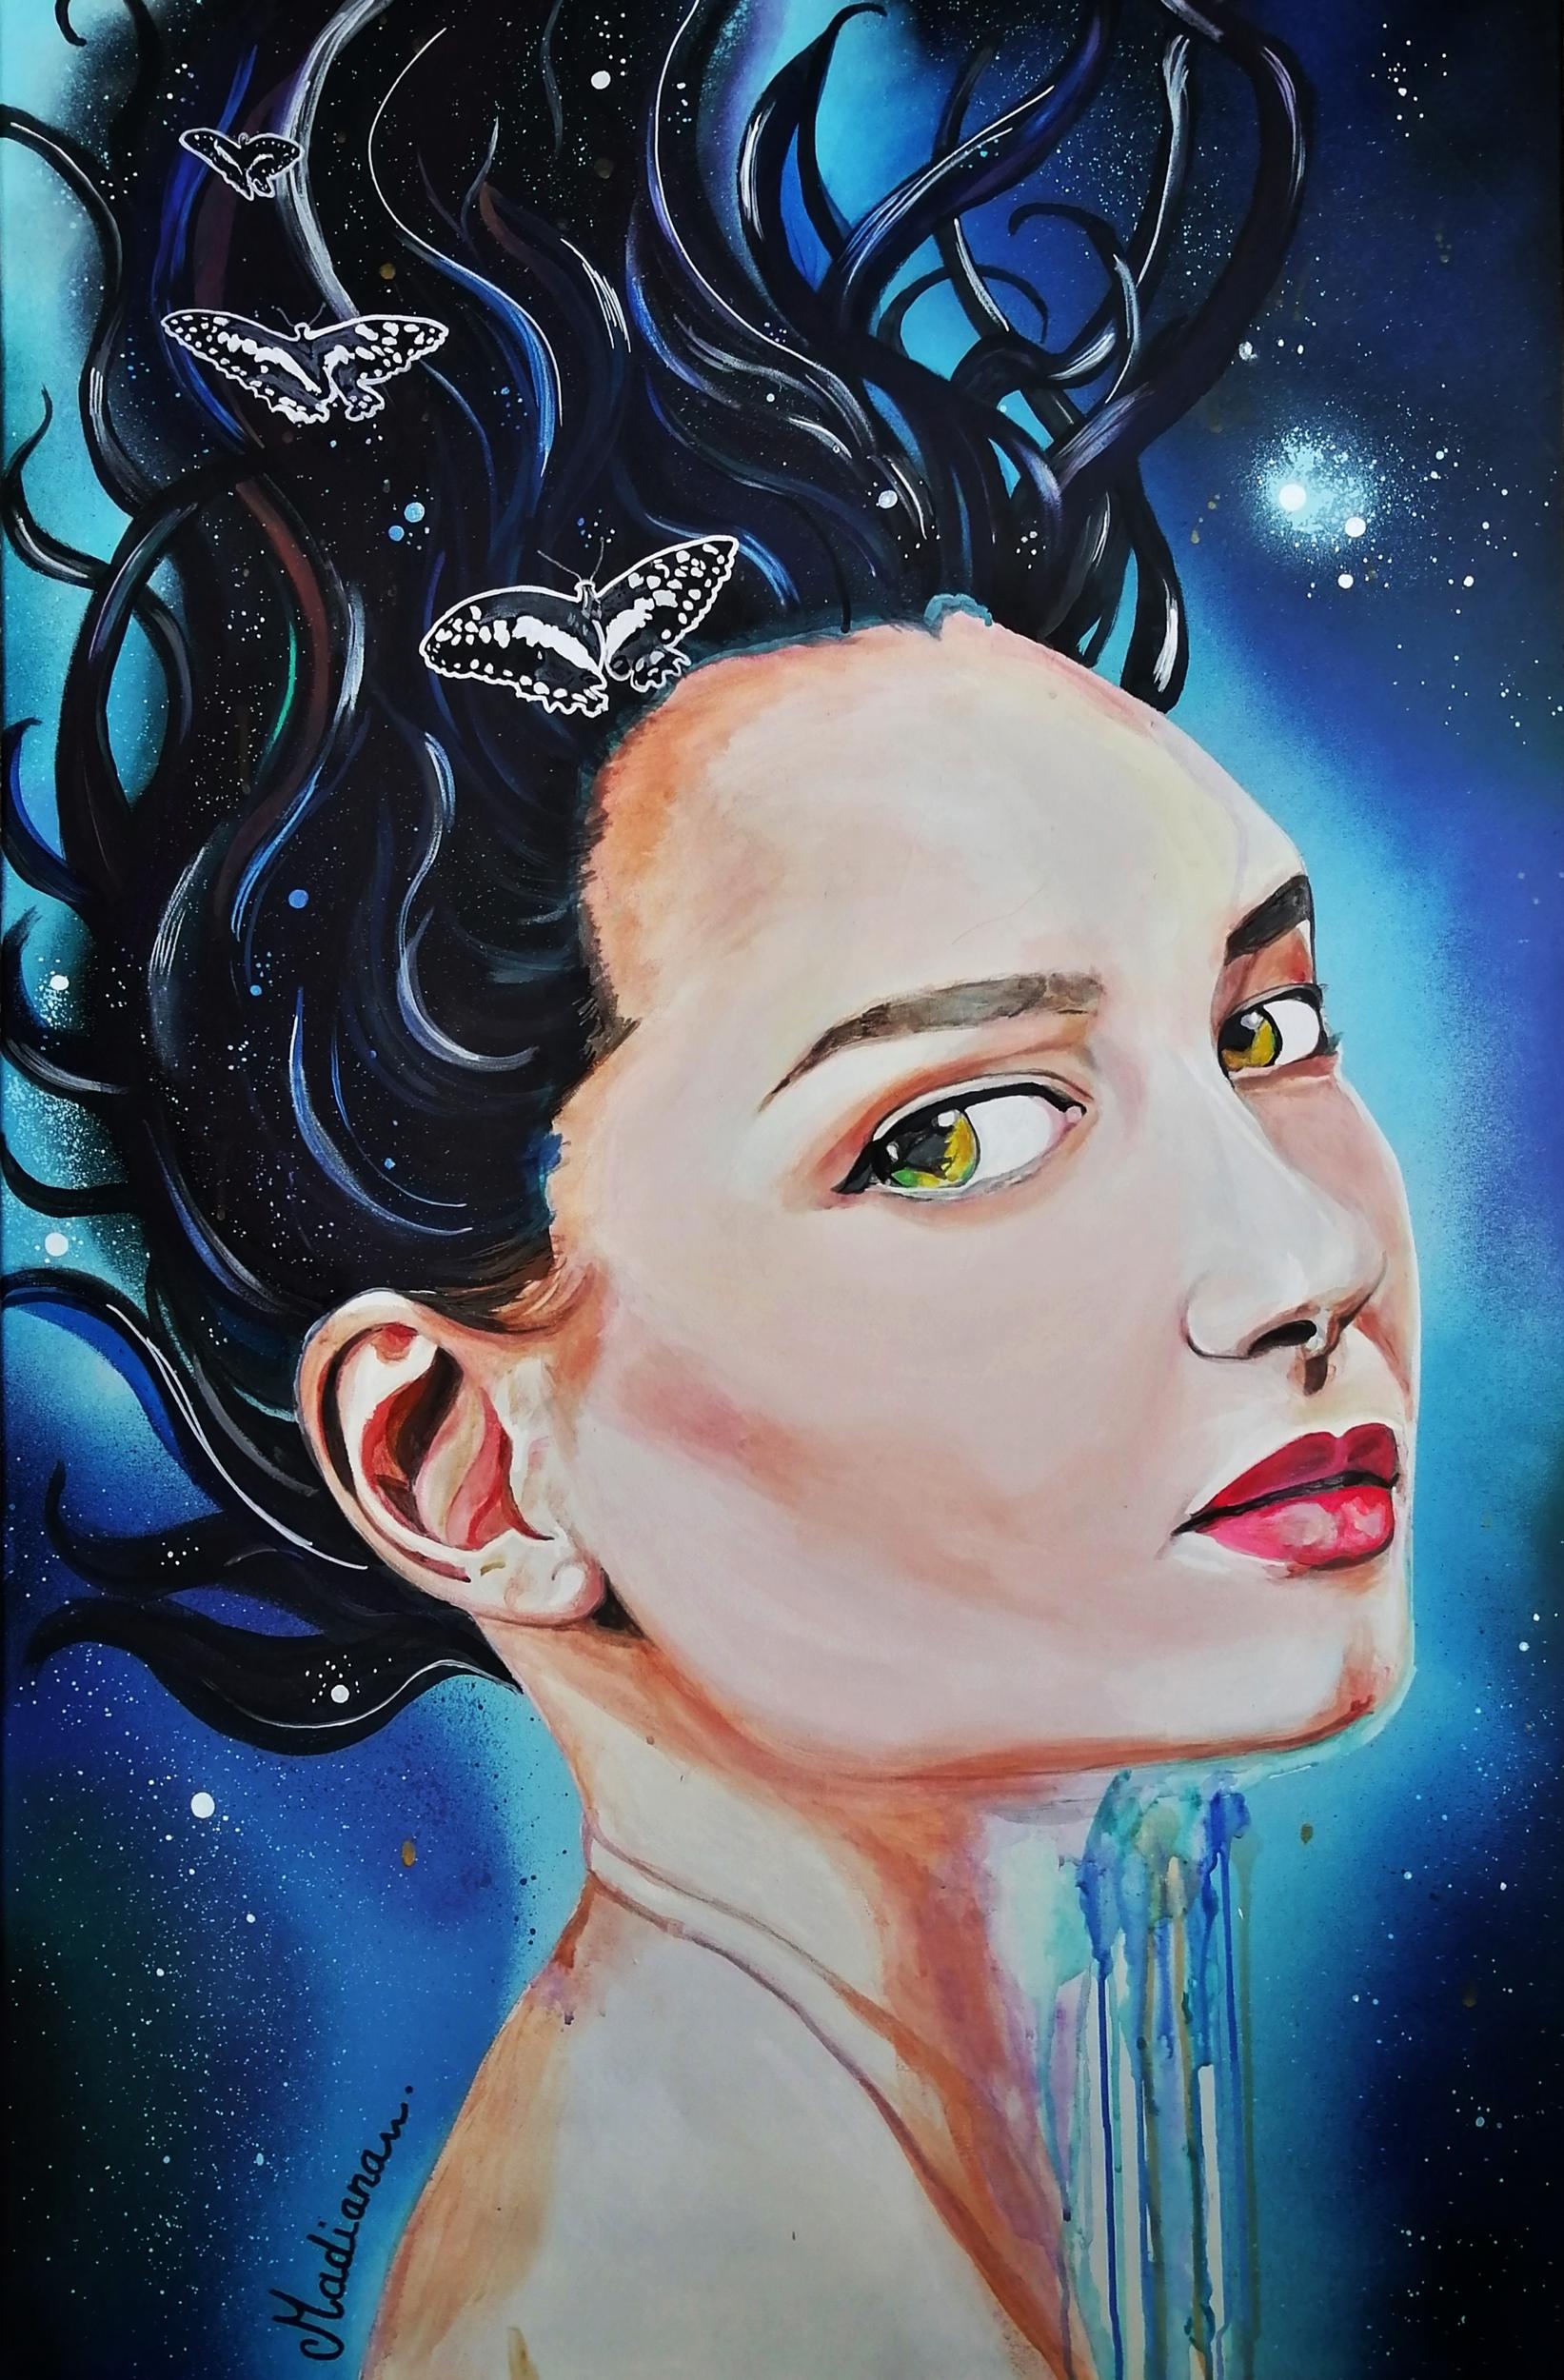 affiche art contemporain artiste femme portrait cosmos espace